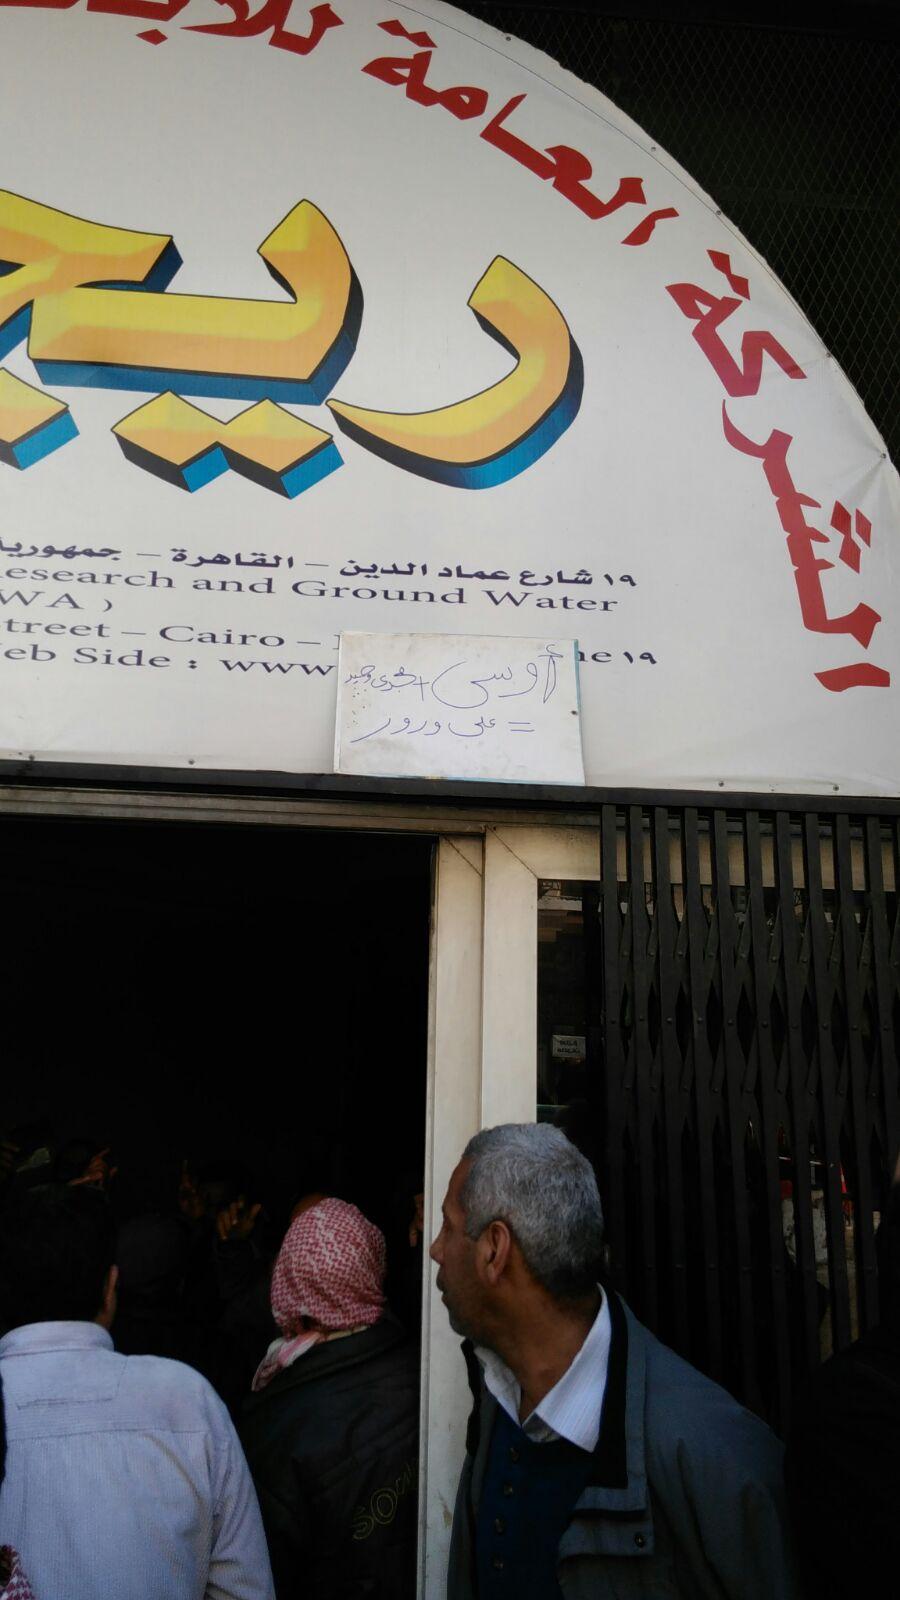 بالصور والفيديو.. عمال «ريجوا» لحفر الآبار يطالبون بالمشاركة في مشروع المليون ونصف فدان